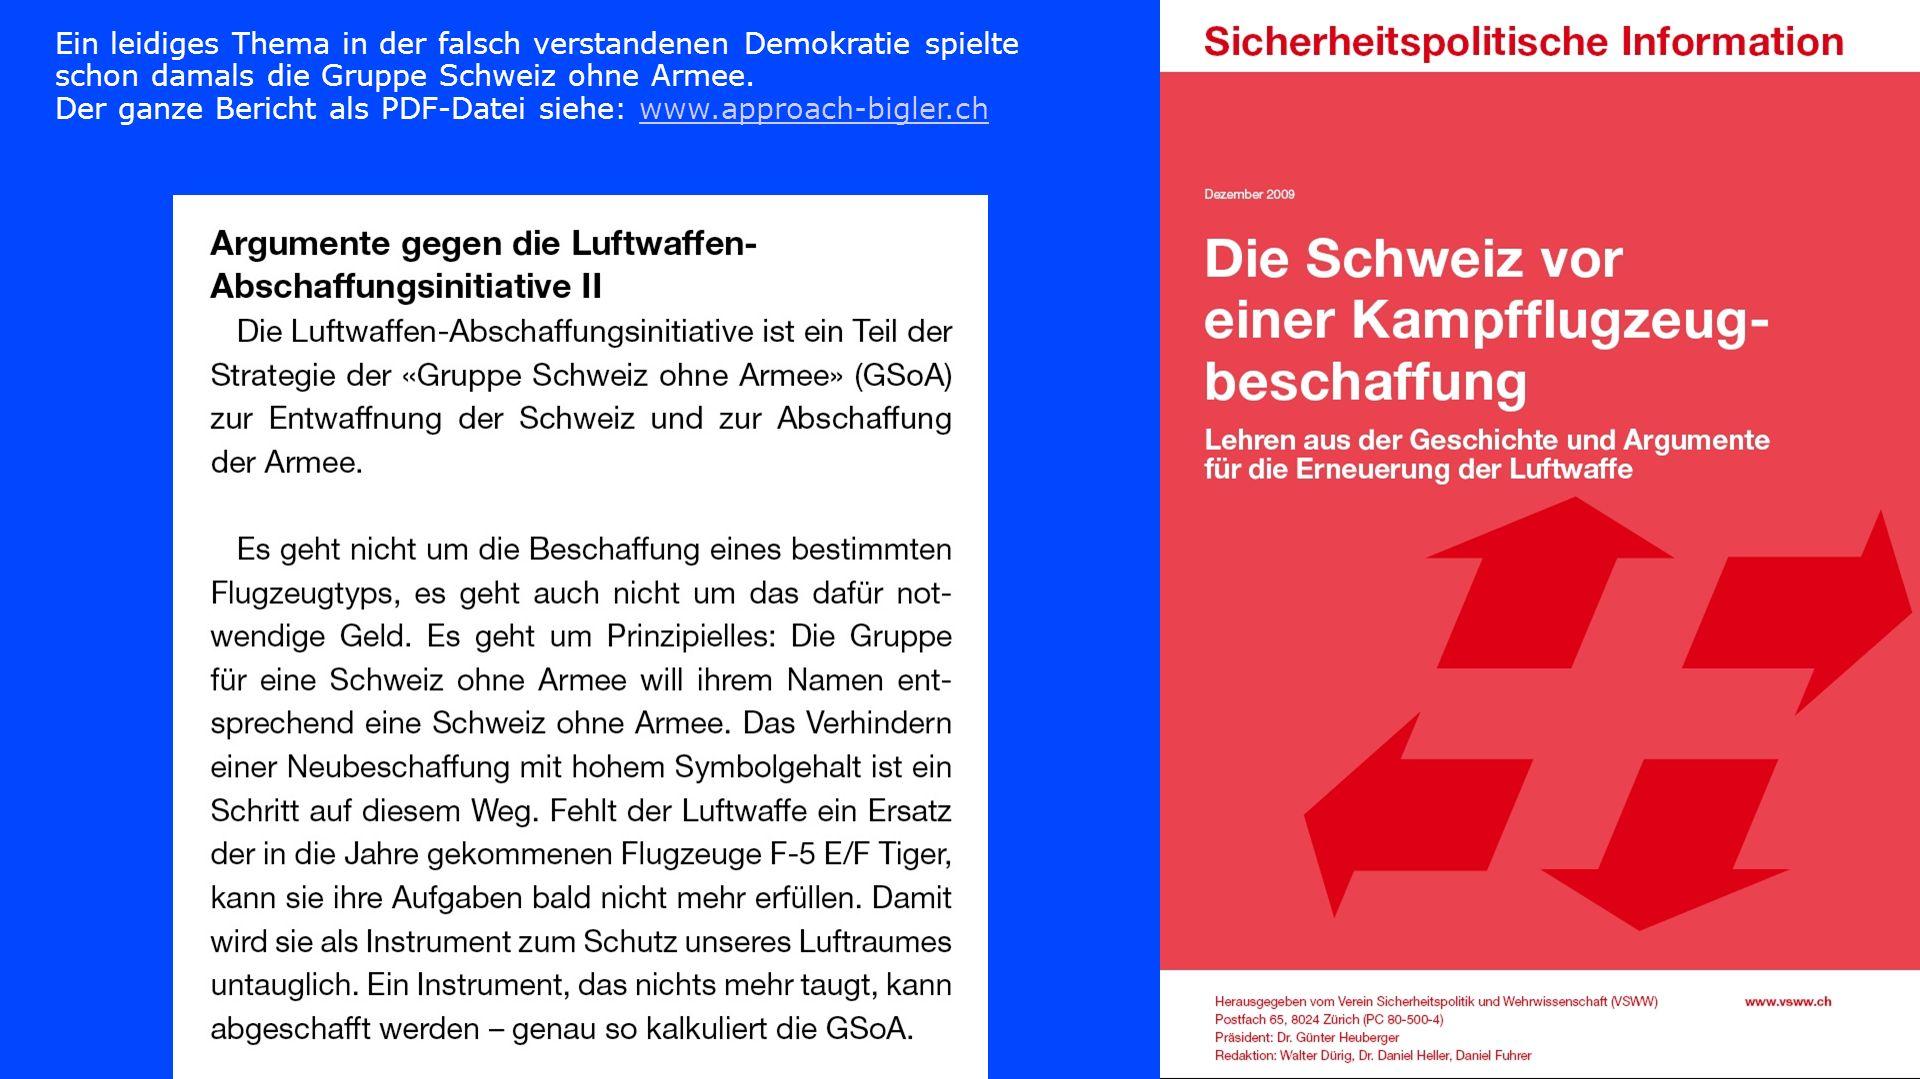 Ein leidiges Thema in der falsch verstandenen Demokratie spielte schon damals die Gruppe Schweiz ohne Armee.